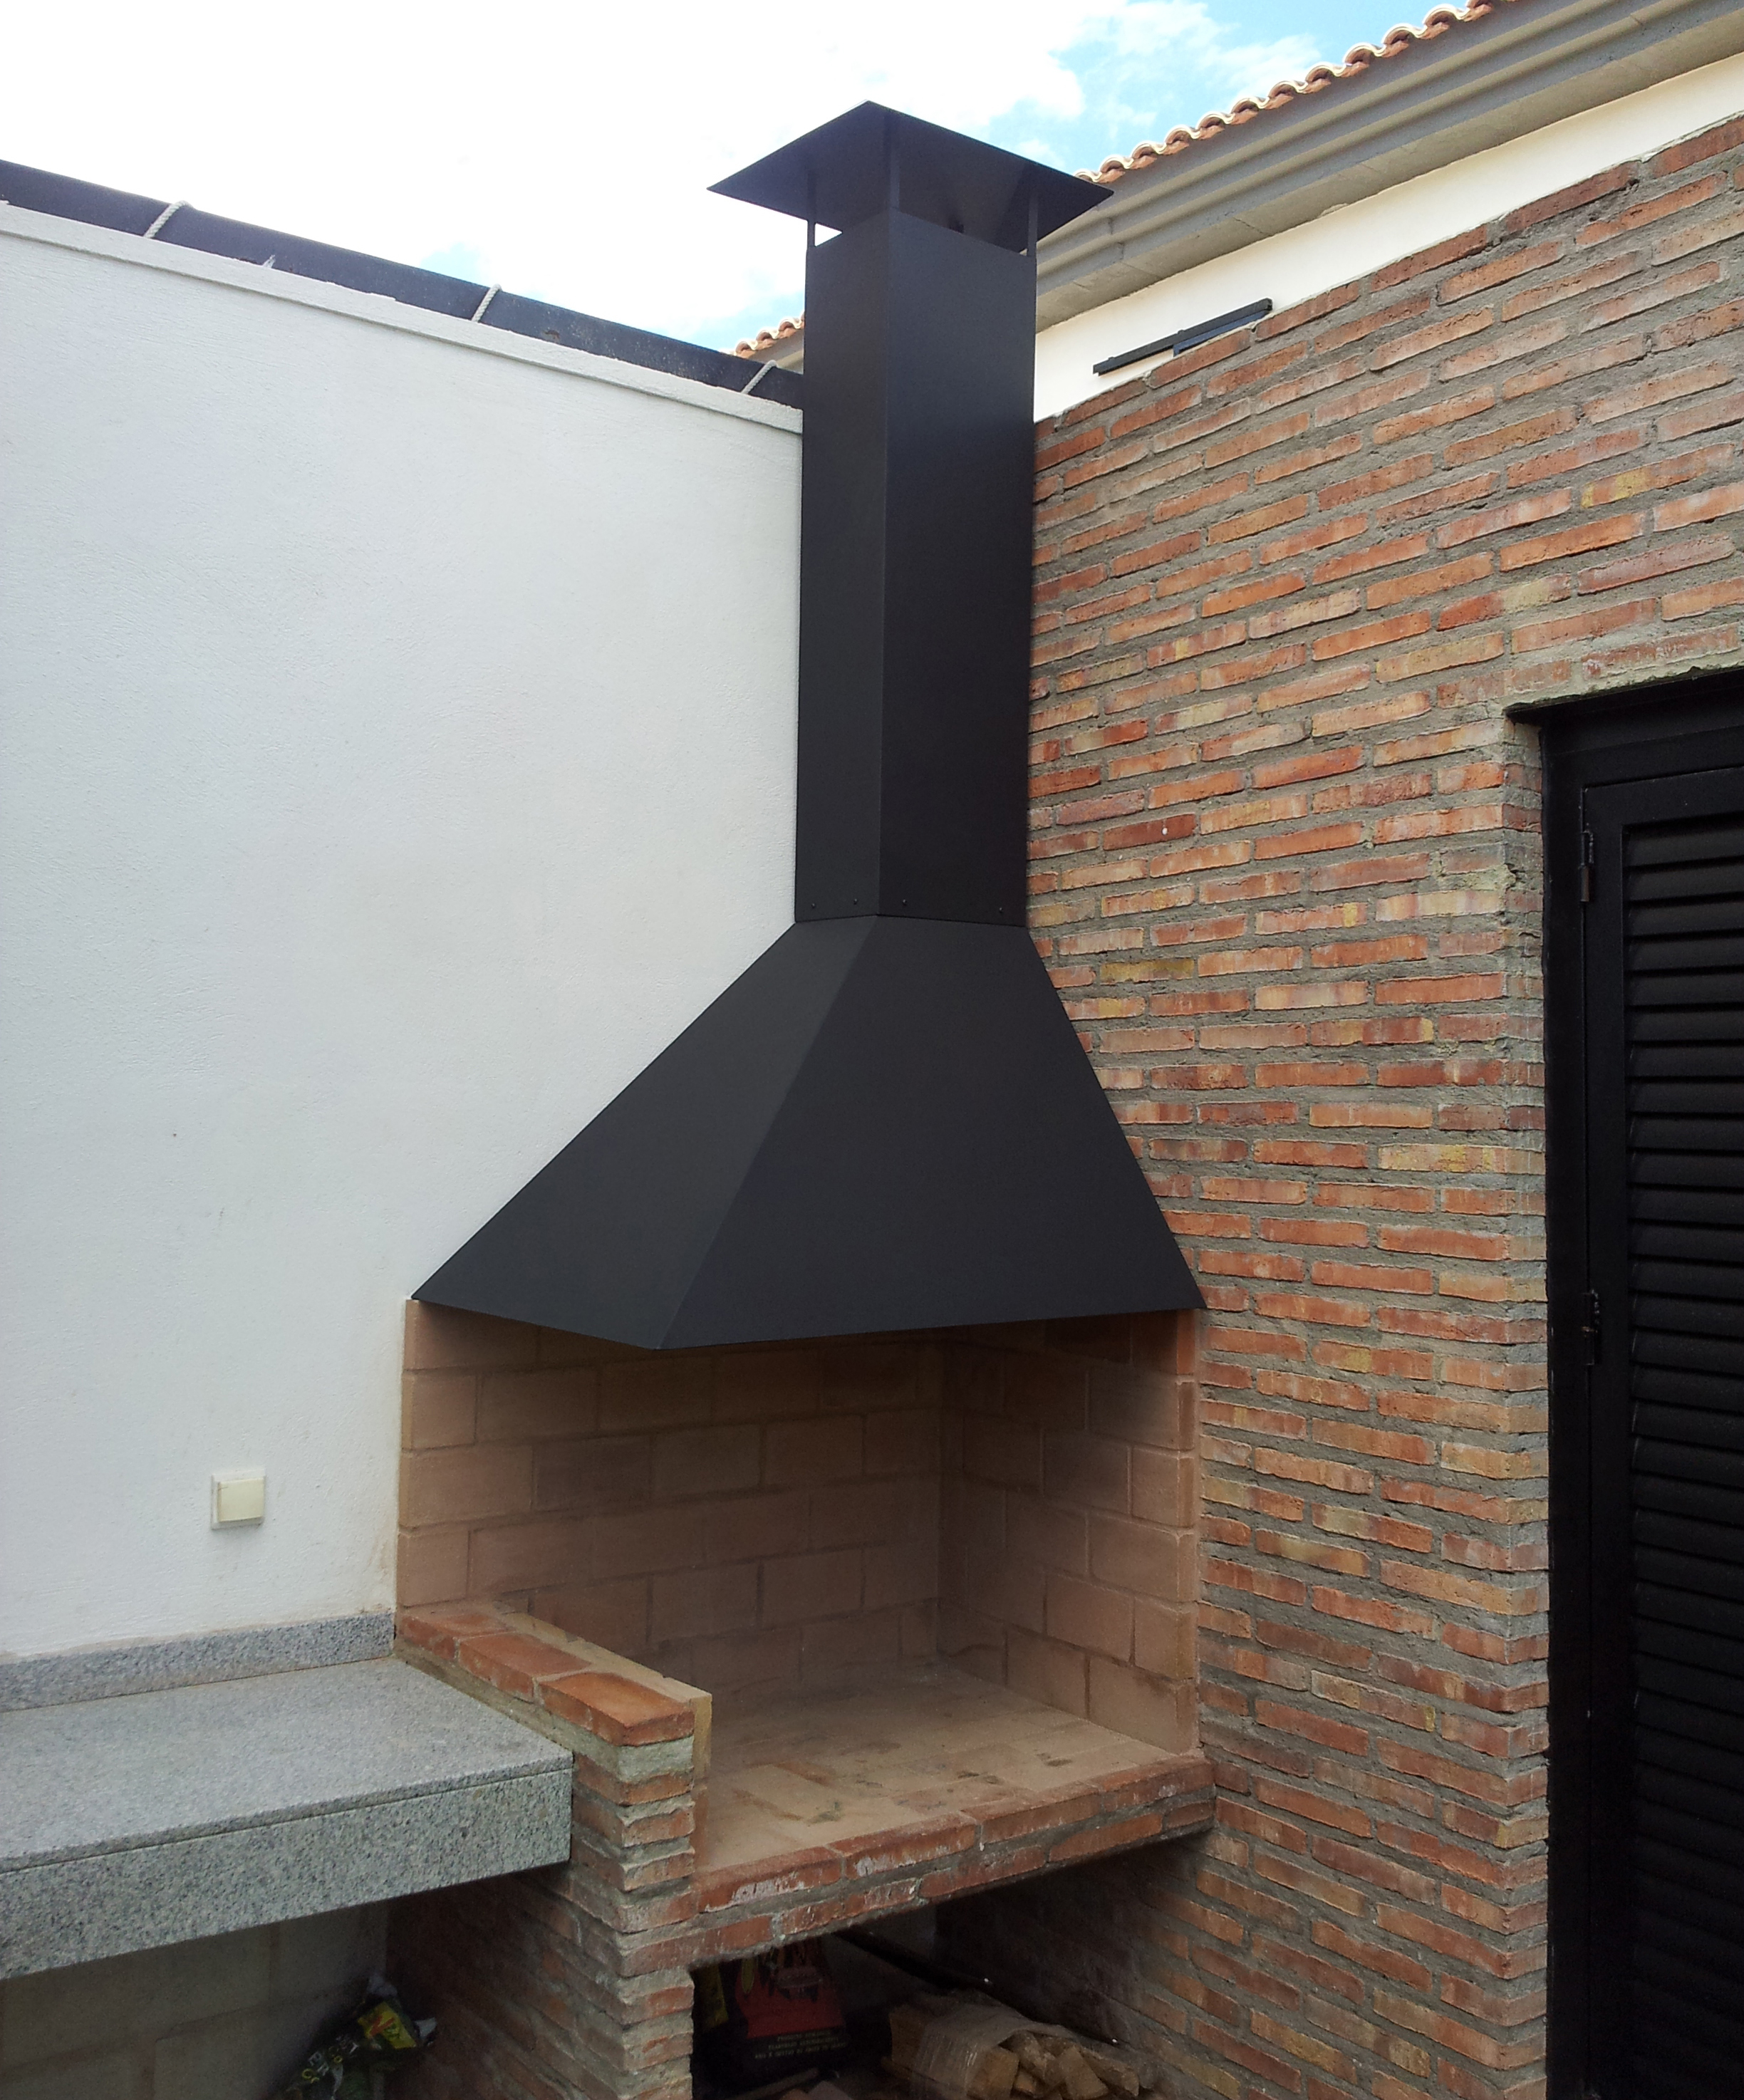 Decorar cuartos con manualidades campana metallica para - Hacer chimenea barbacoa ...